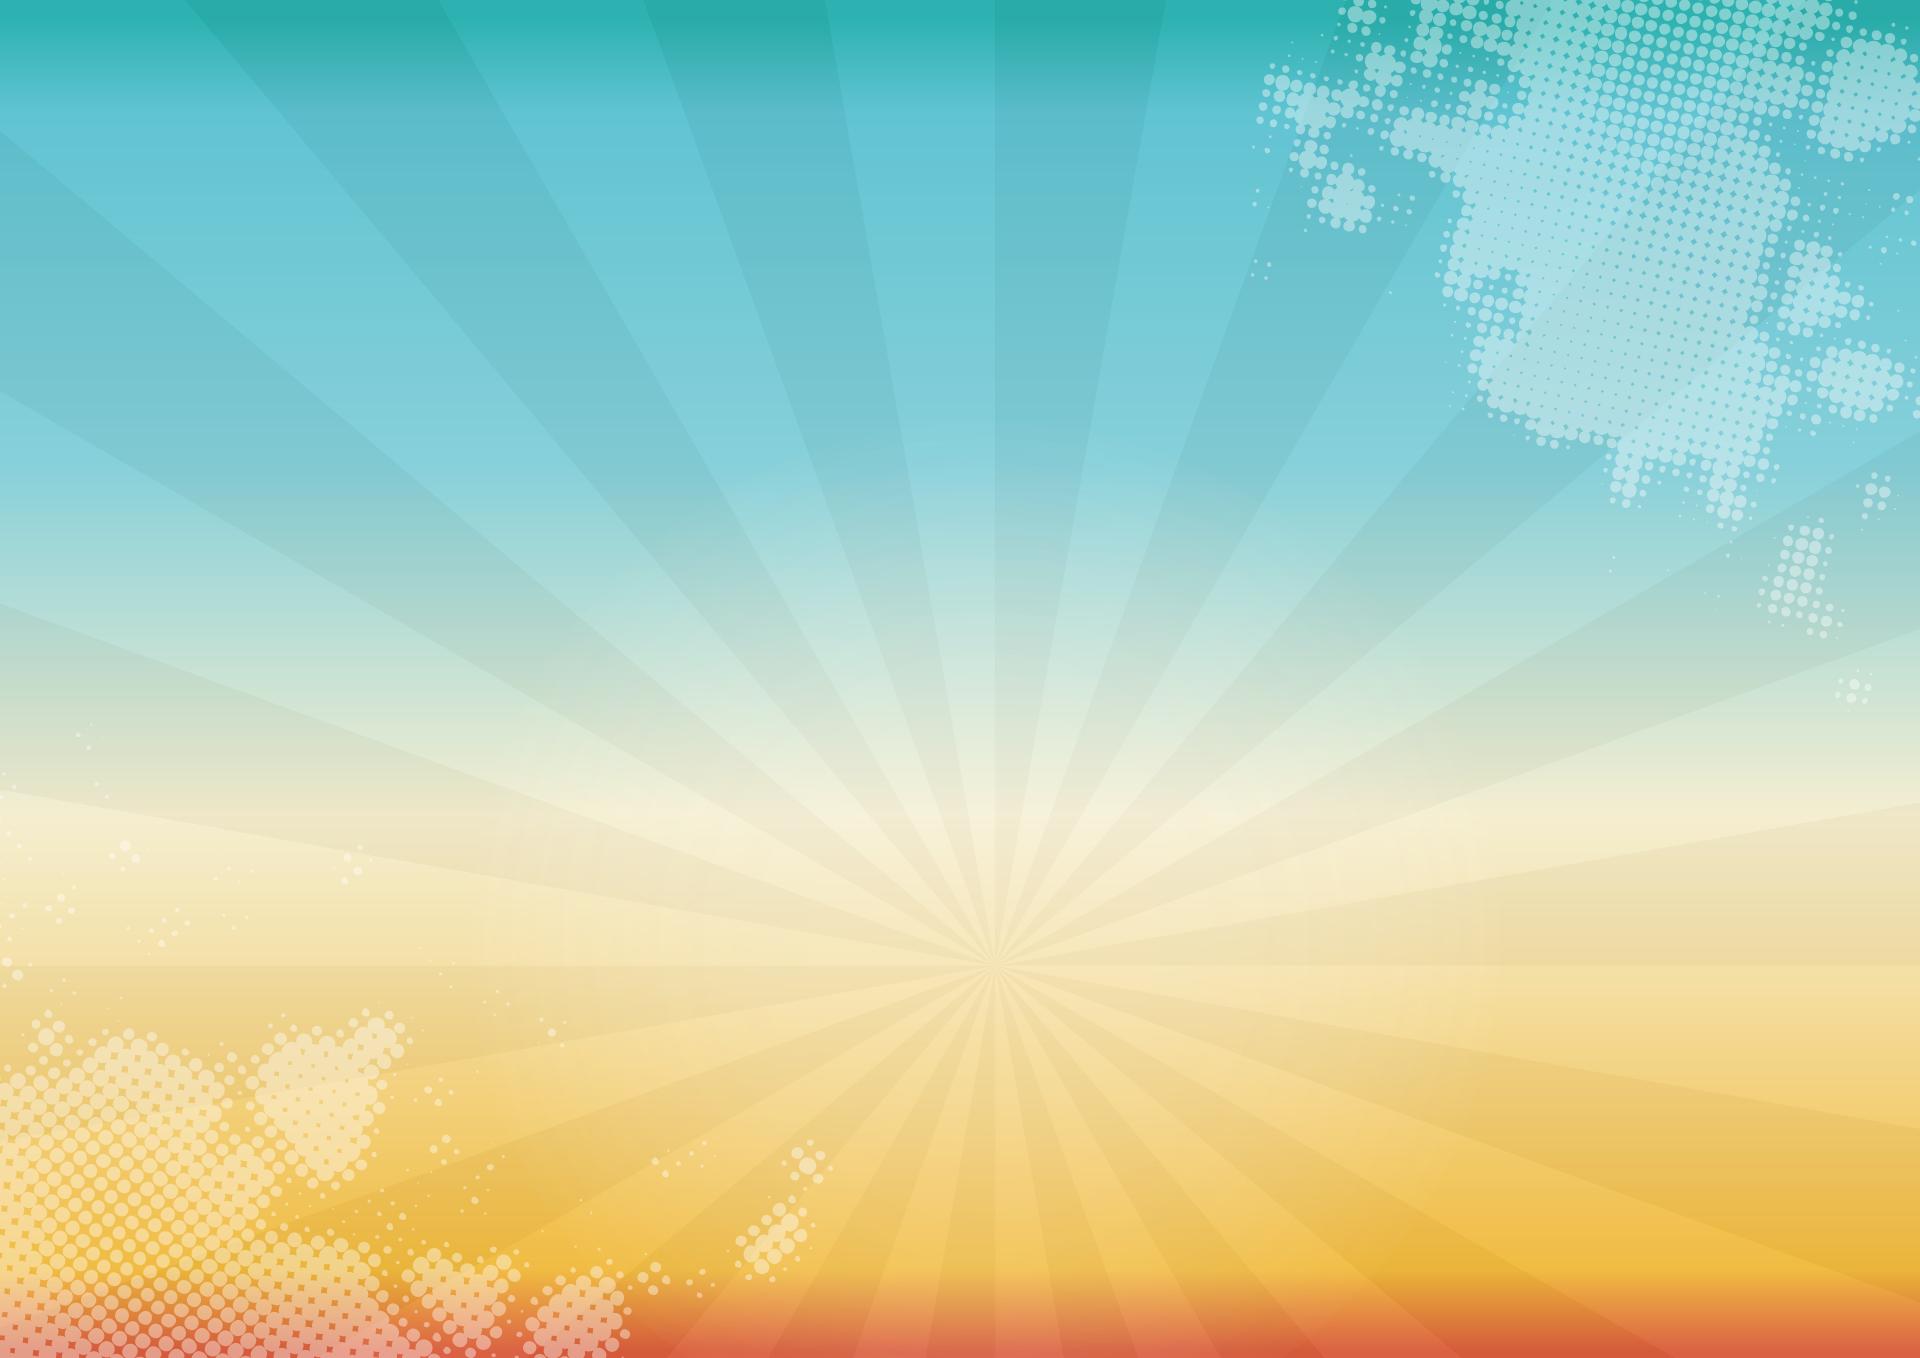 梯度, 光线, 灯, 云彩, 多彩 - 高清壁纸 - 教授-falken.com